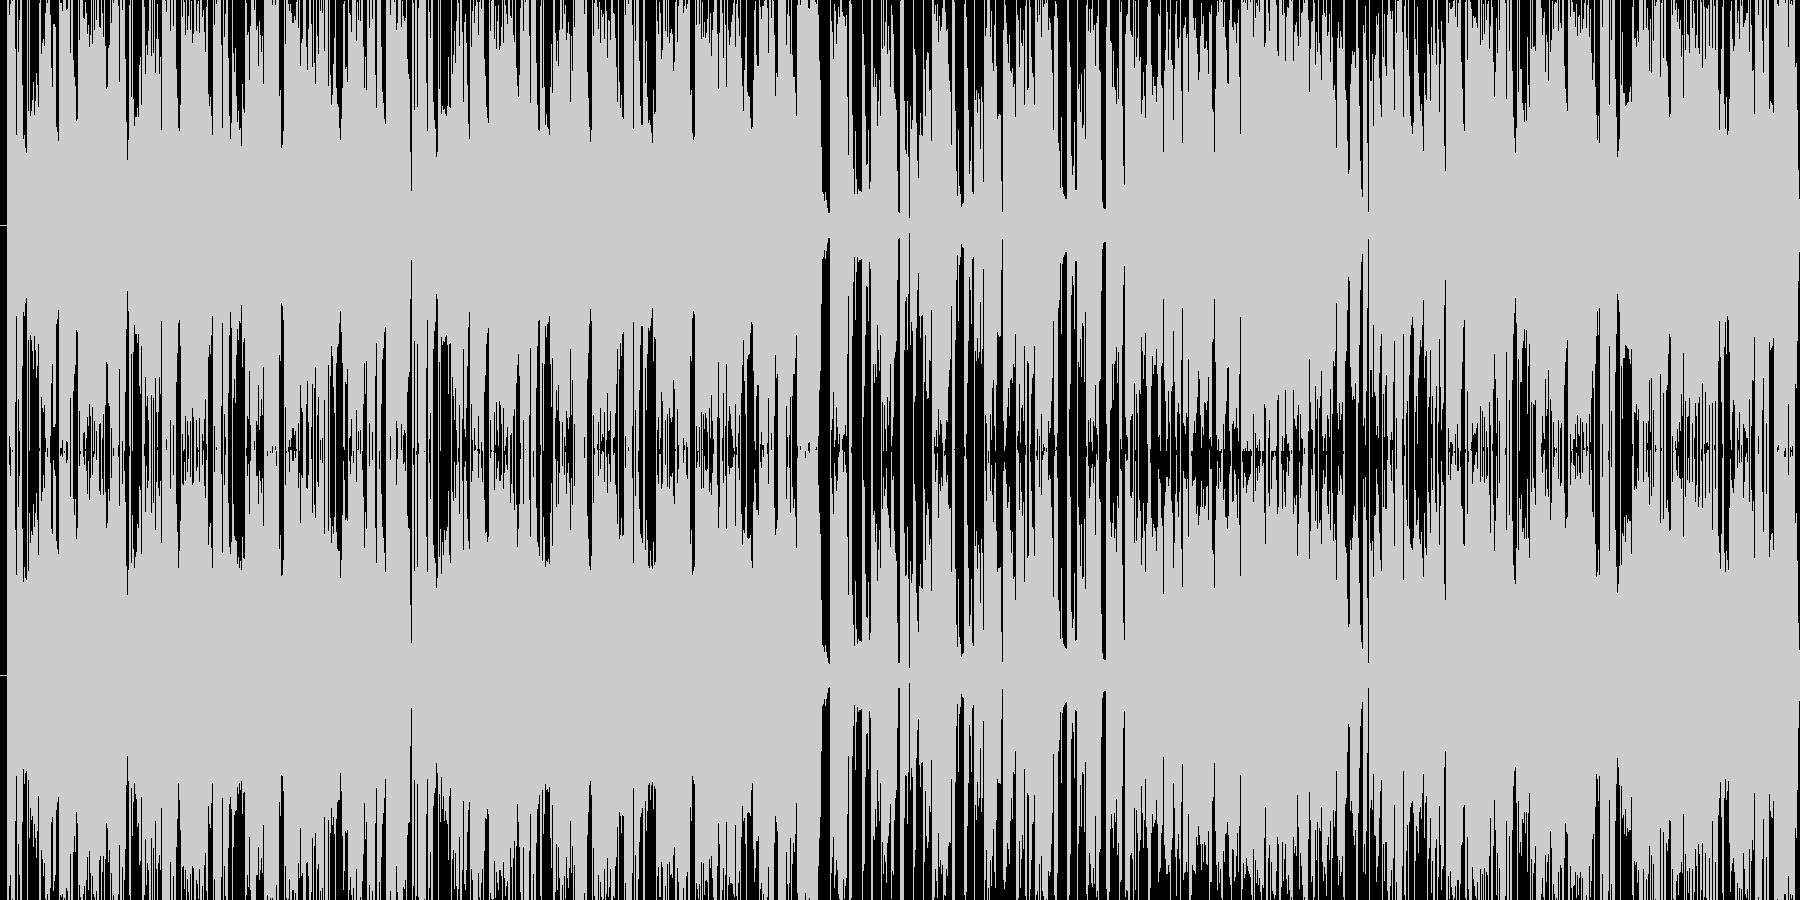 楽しそうな雰囲気の曲を目指して作りまし…の未再生の波形